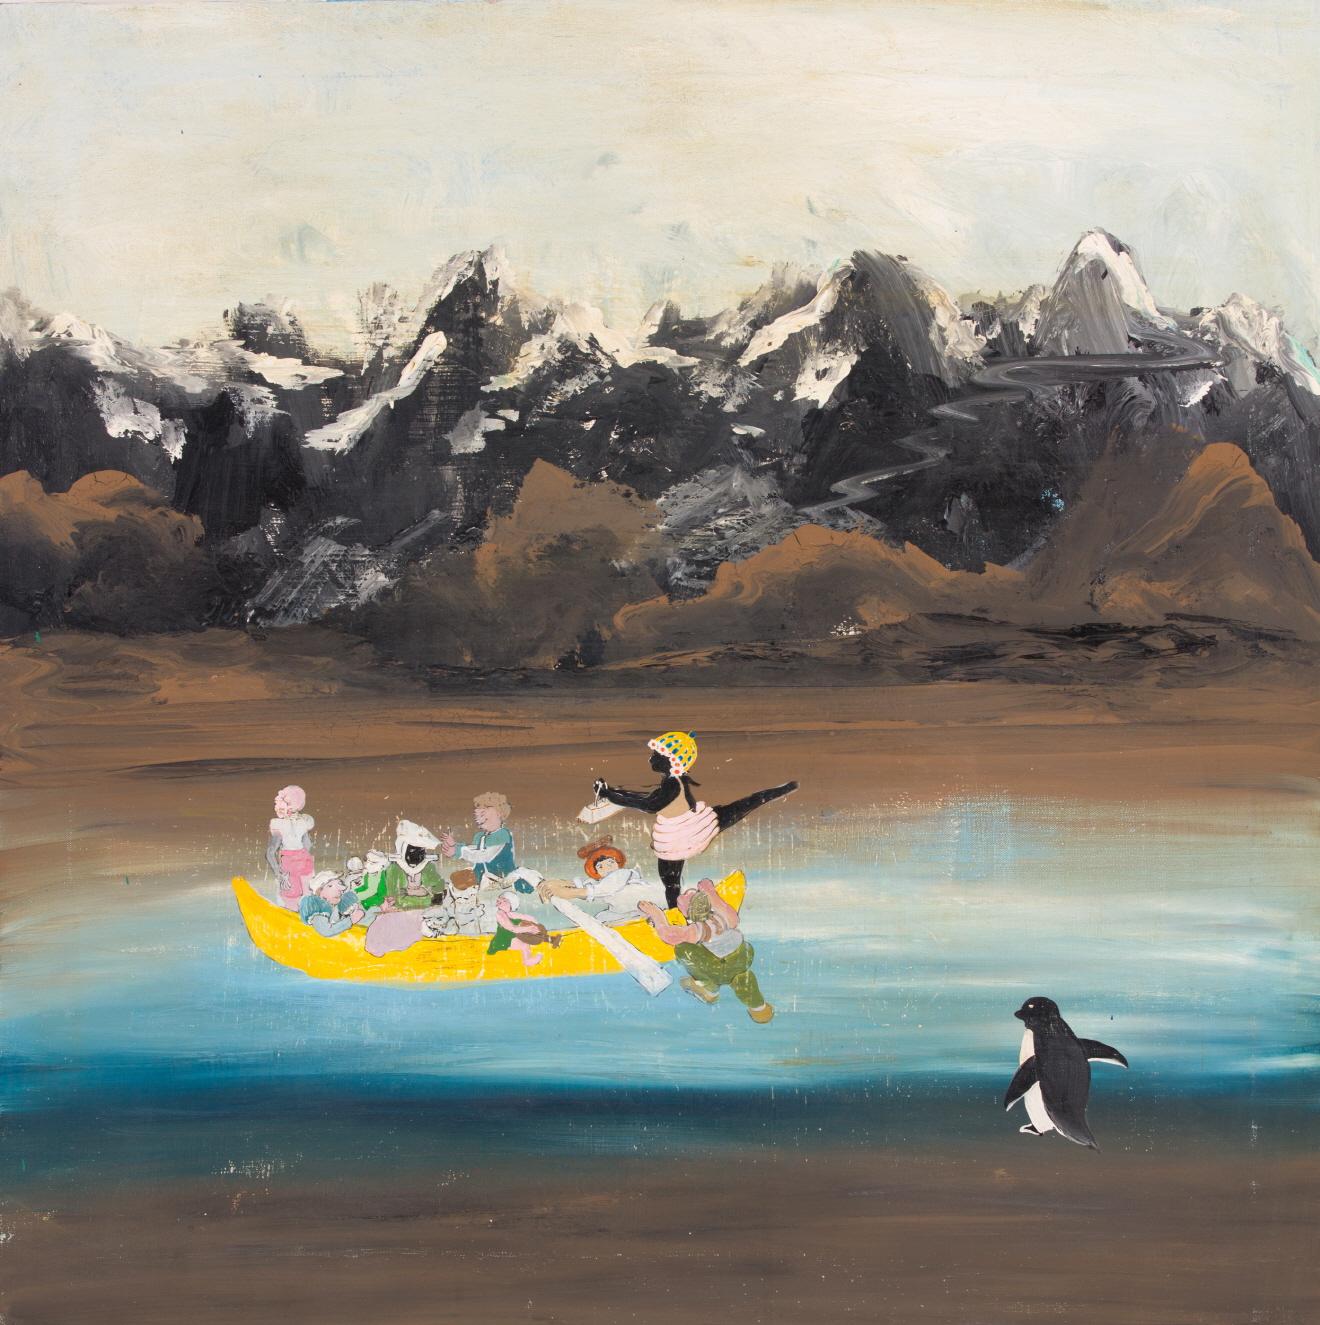 윤정원, 정령의 노래, 80x80cm, Acrylic on canvas, 2020.jpg